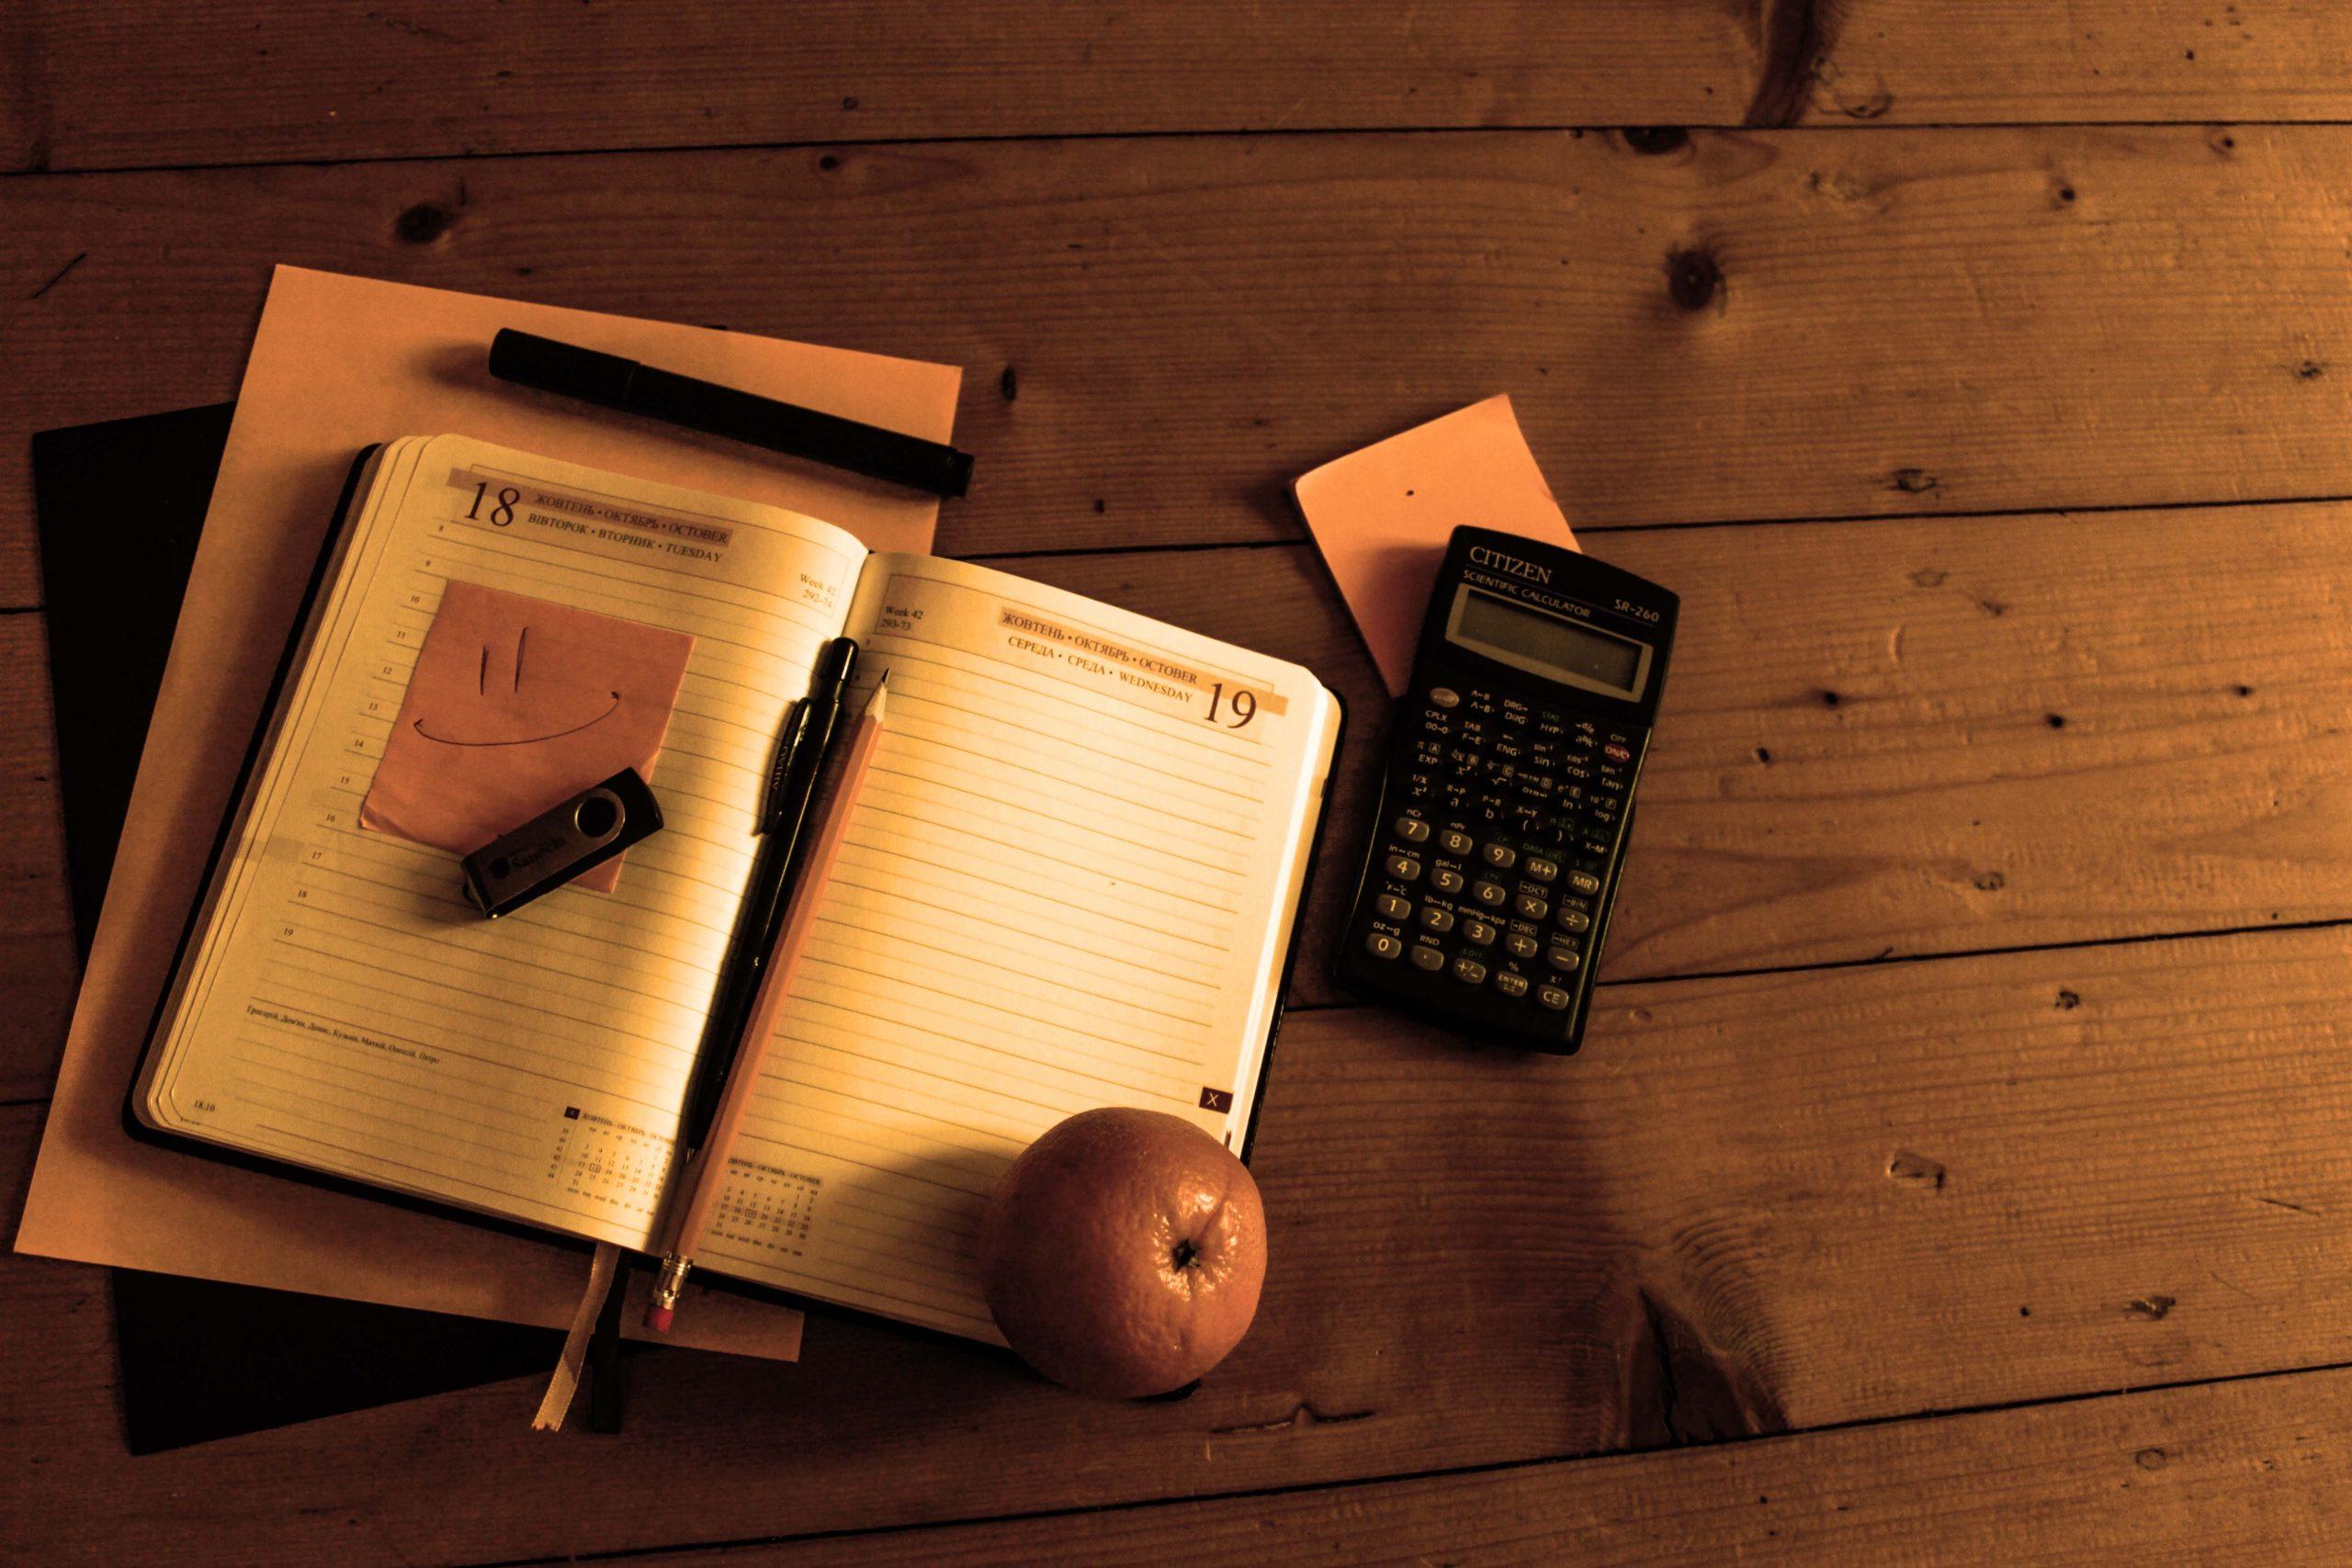 Perché_non_dovresti_usare_la_calcolatrice_da_tavolo - calcolatrice ufficio